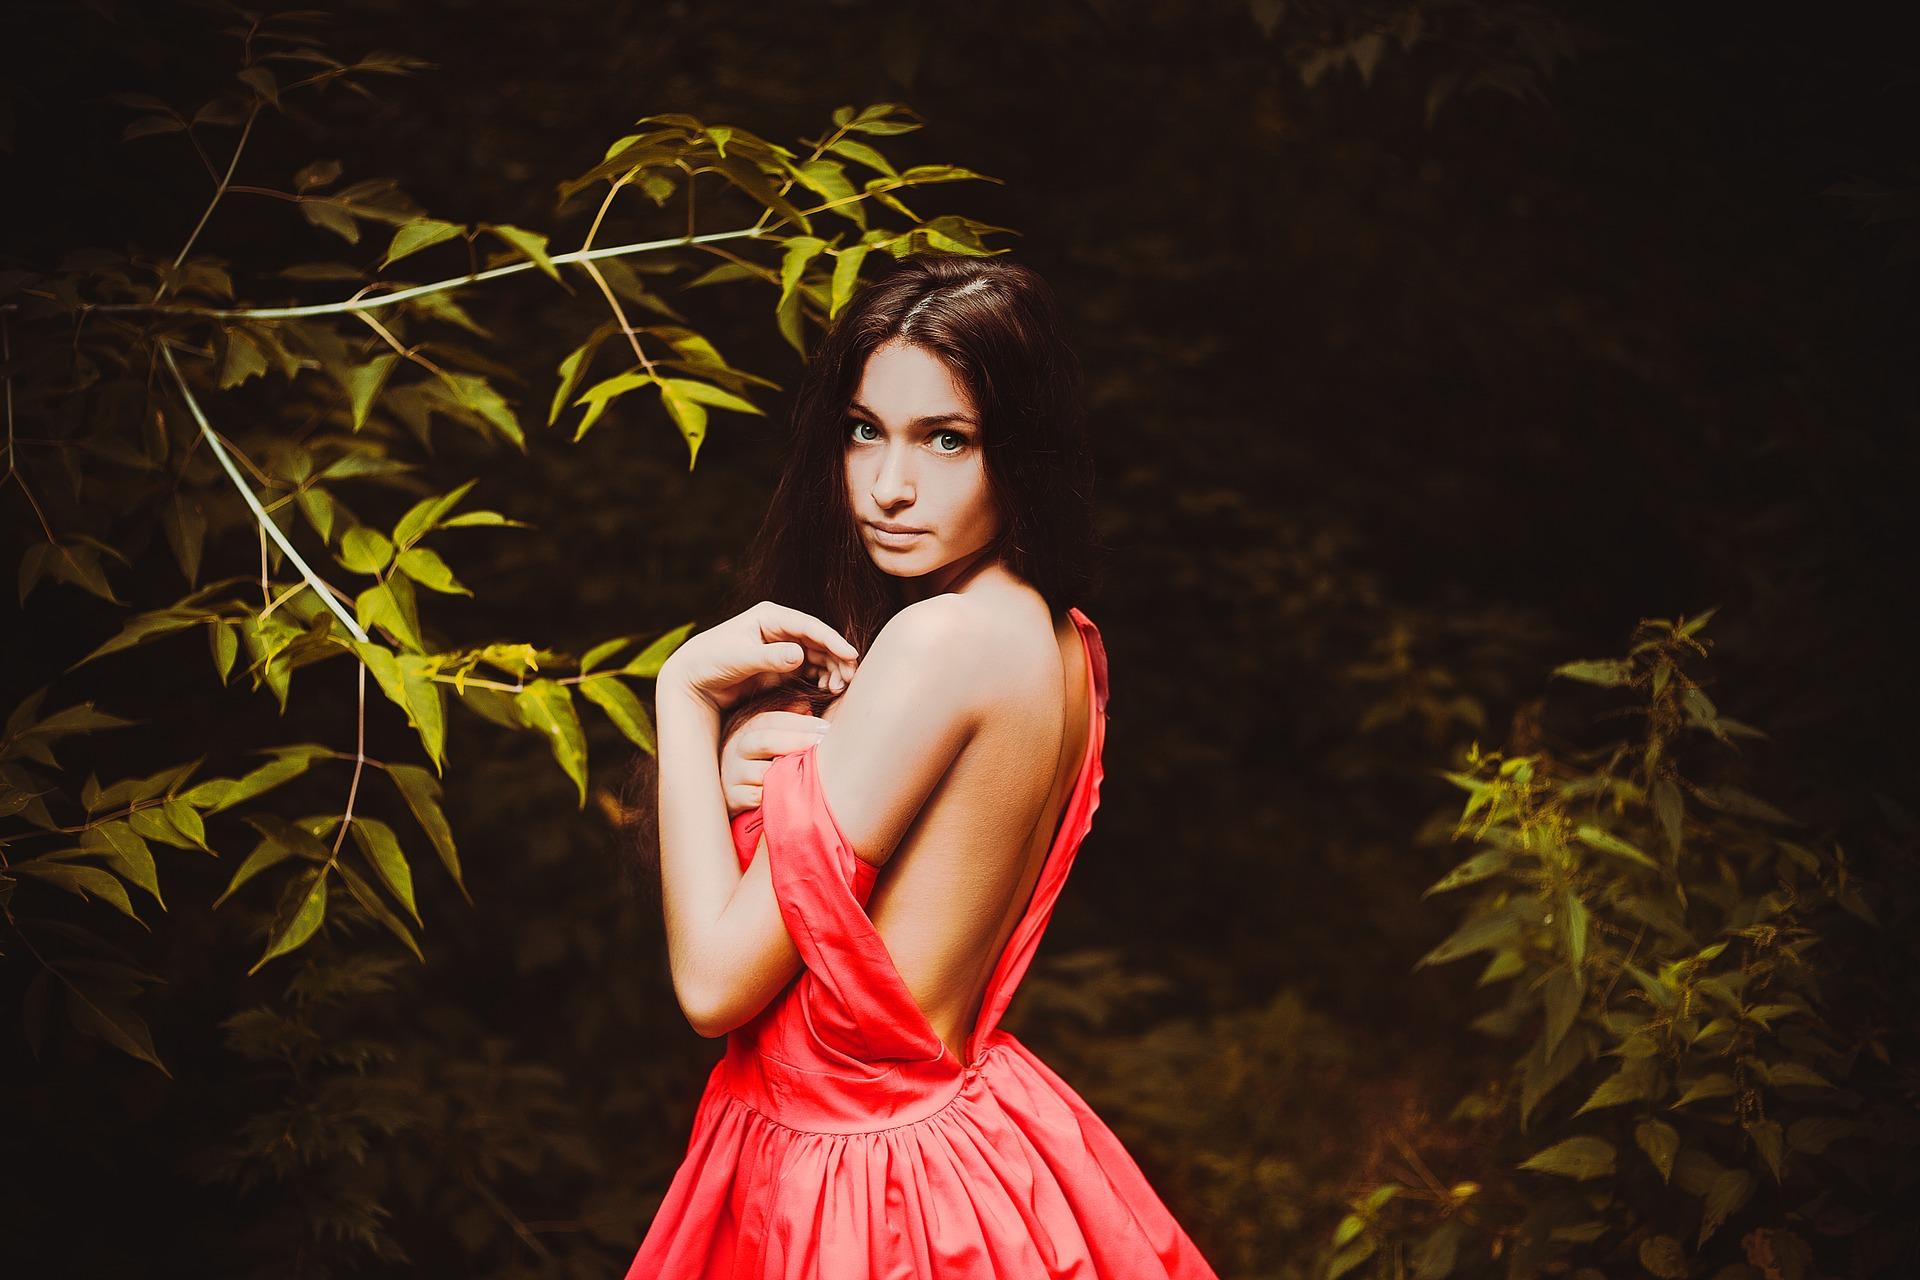 profil billeder russisk dating introvert dating hjemmeside